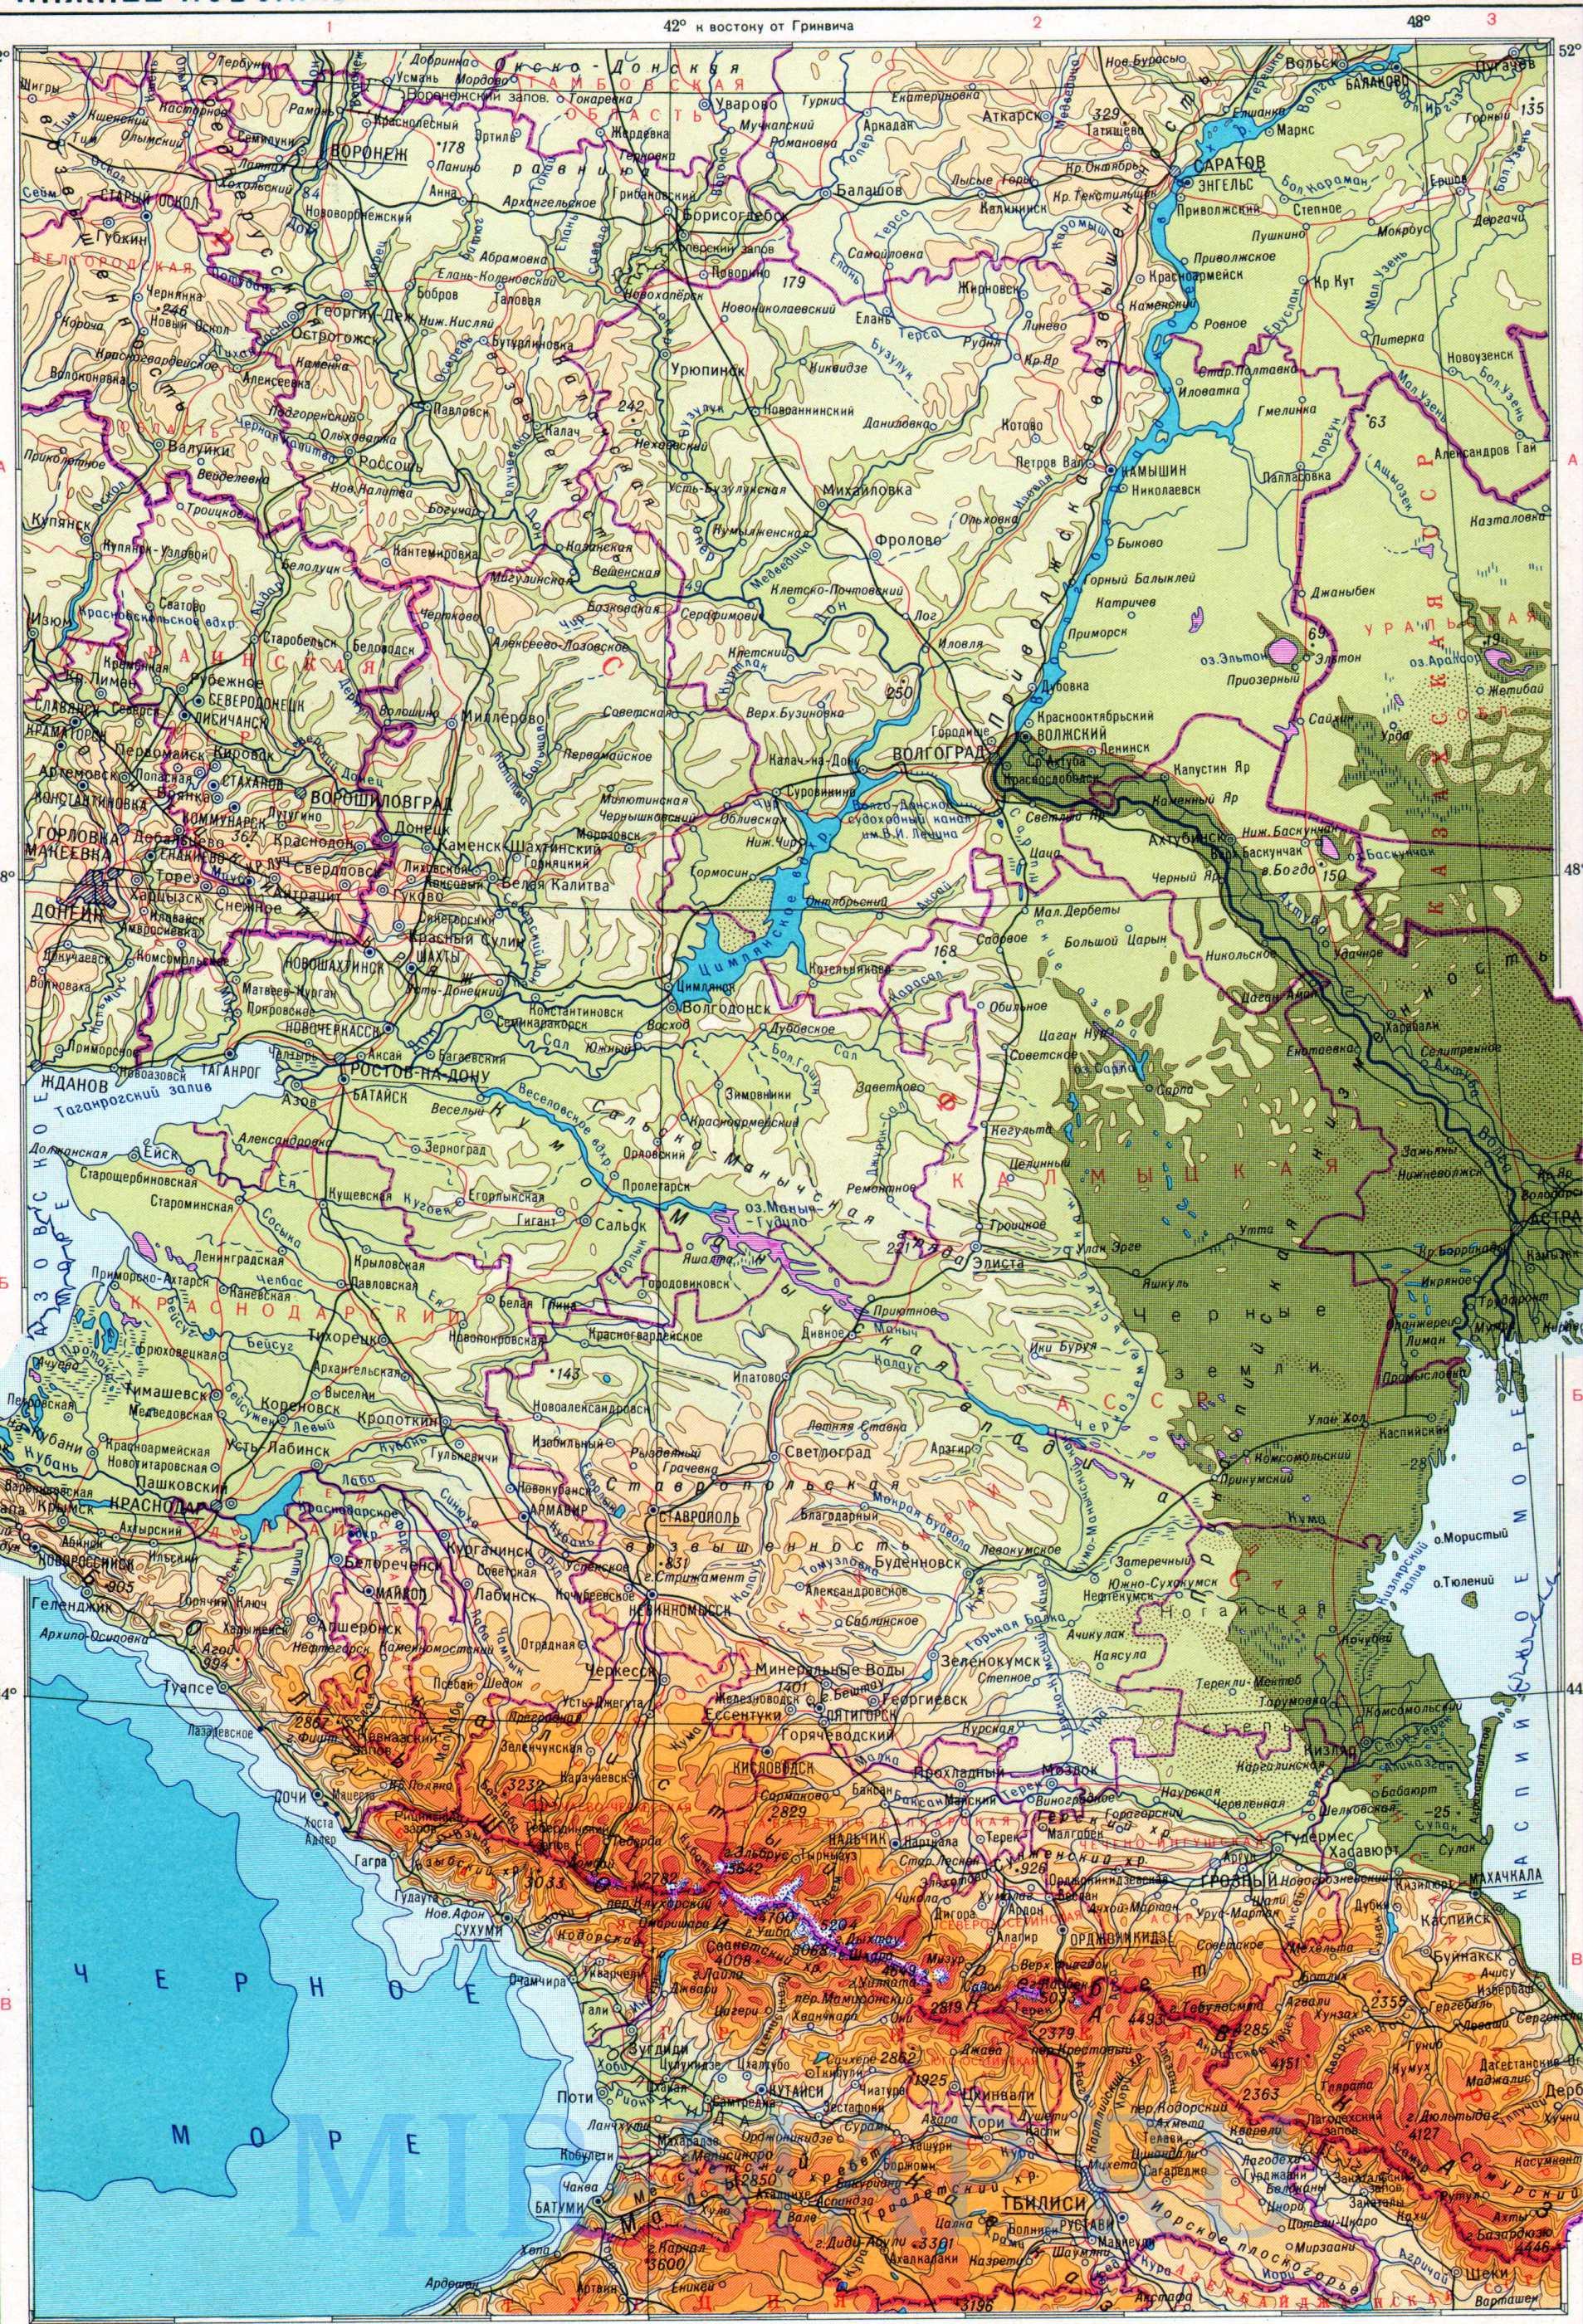 Геог�а�и�е�кая ка��а Нижнего Поволж�я и Севе�ного Кавказа